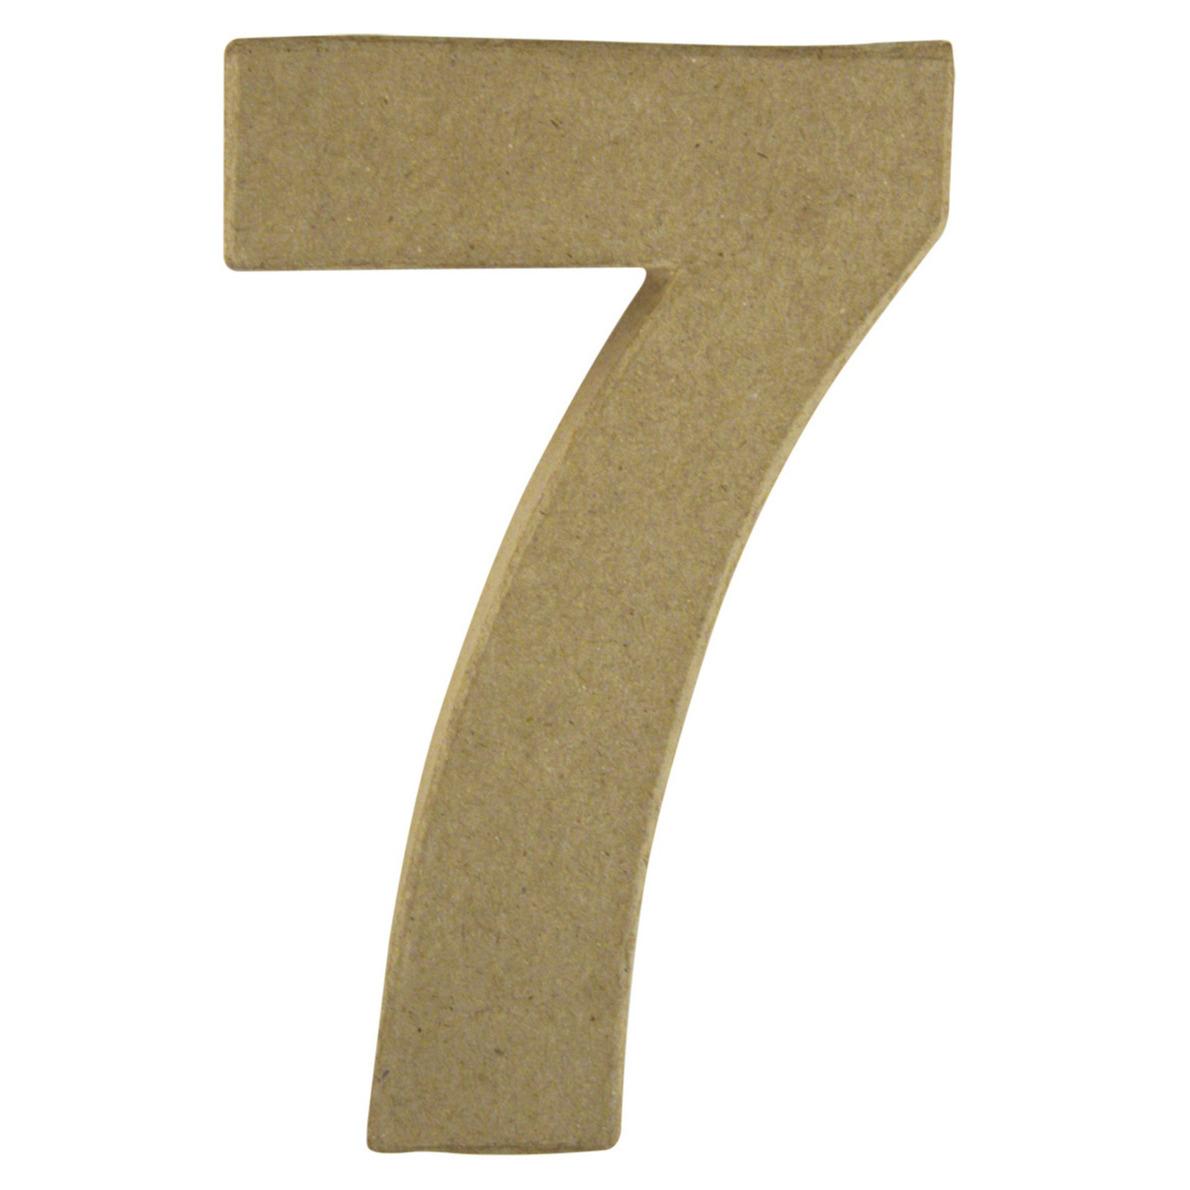 Cijfer 7 van papier mache onbeschilderd